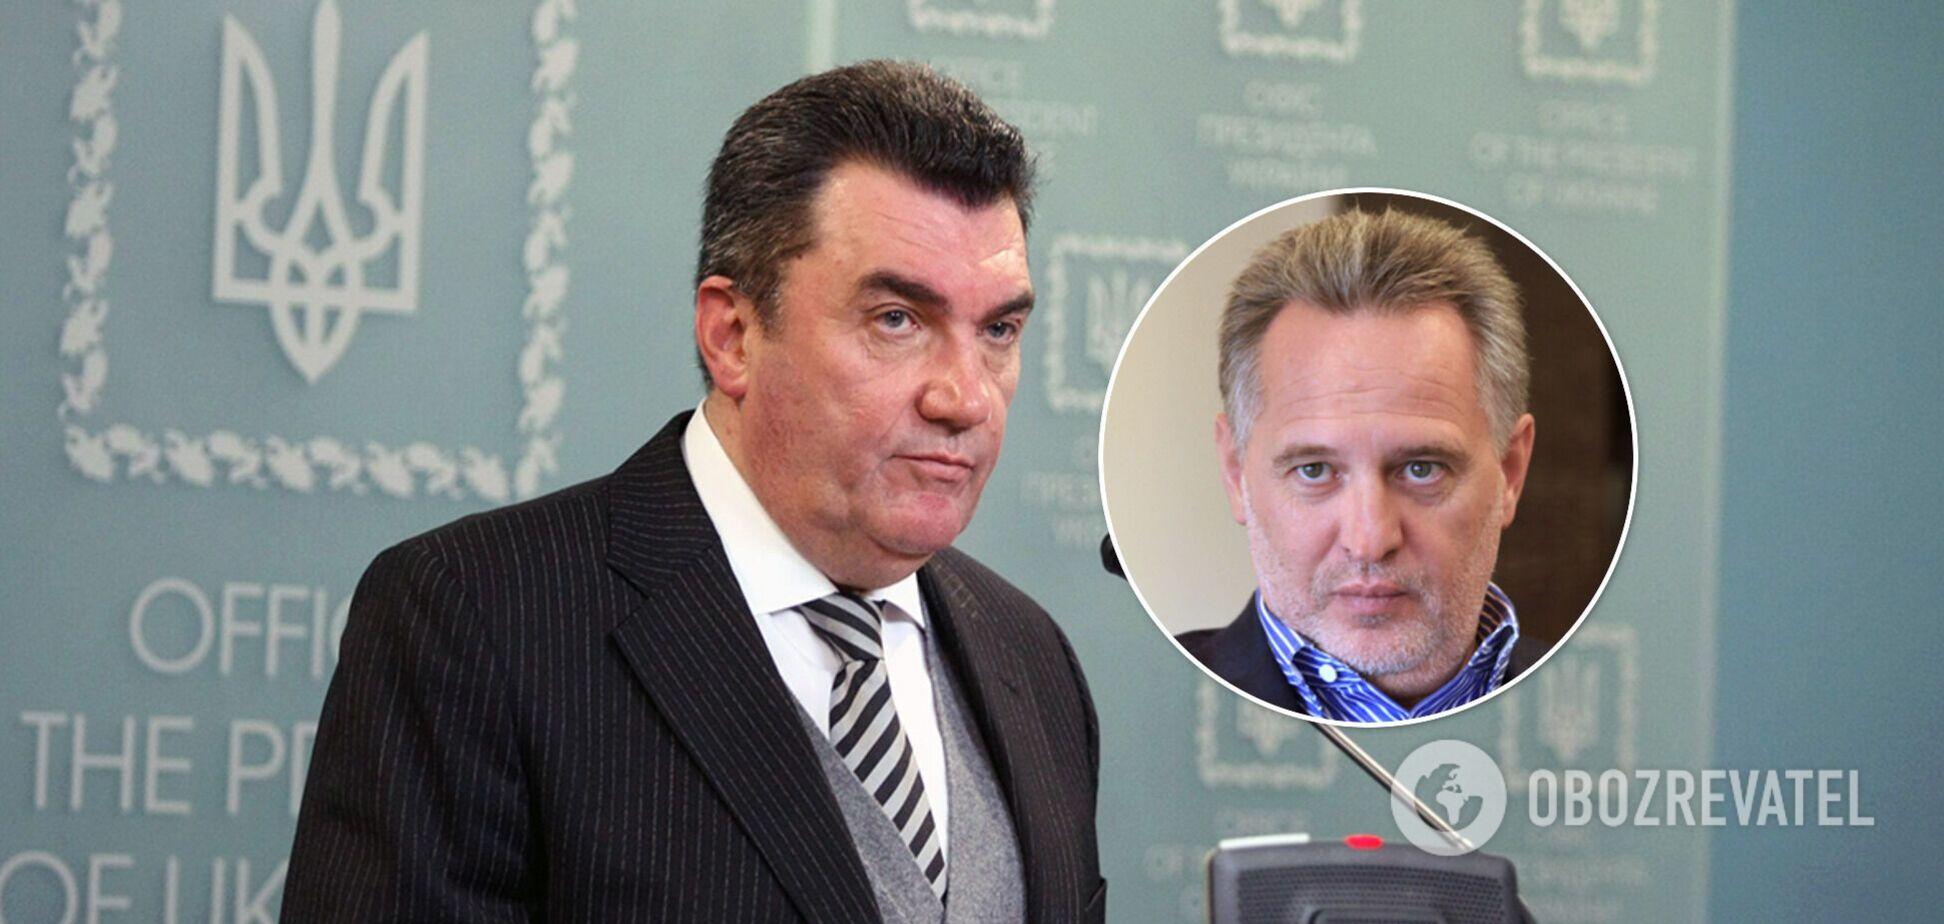 Данилов пояснил, почему в Украине продолжают работать предприятия подсанкционного Фирташа